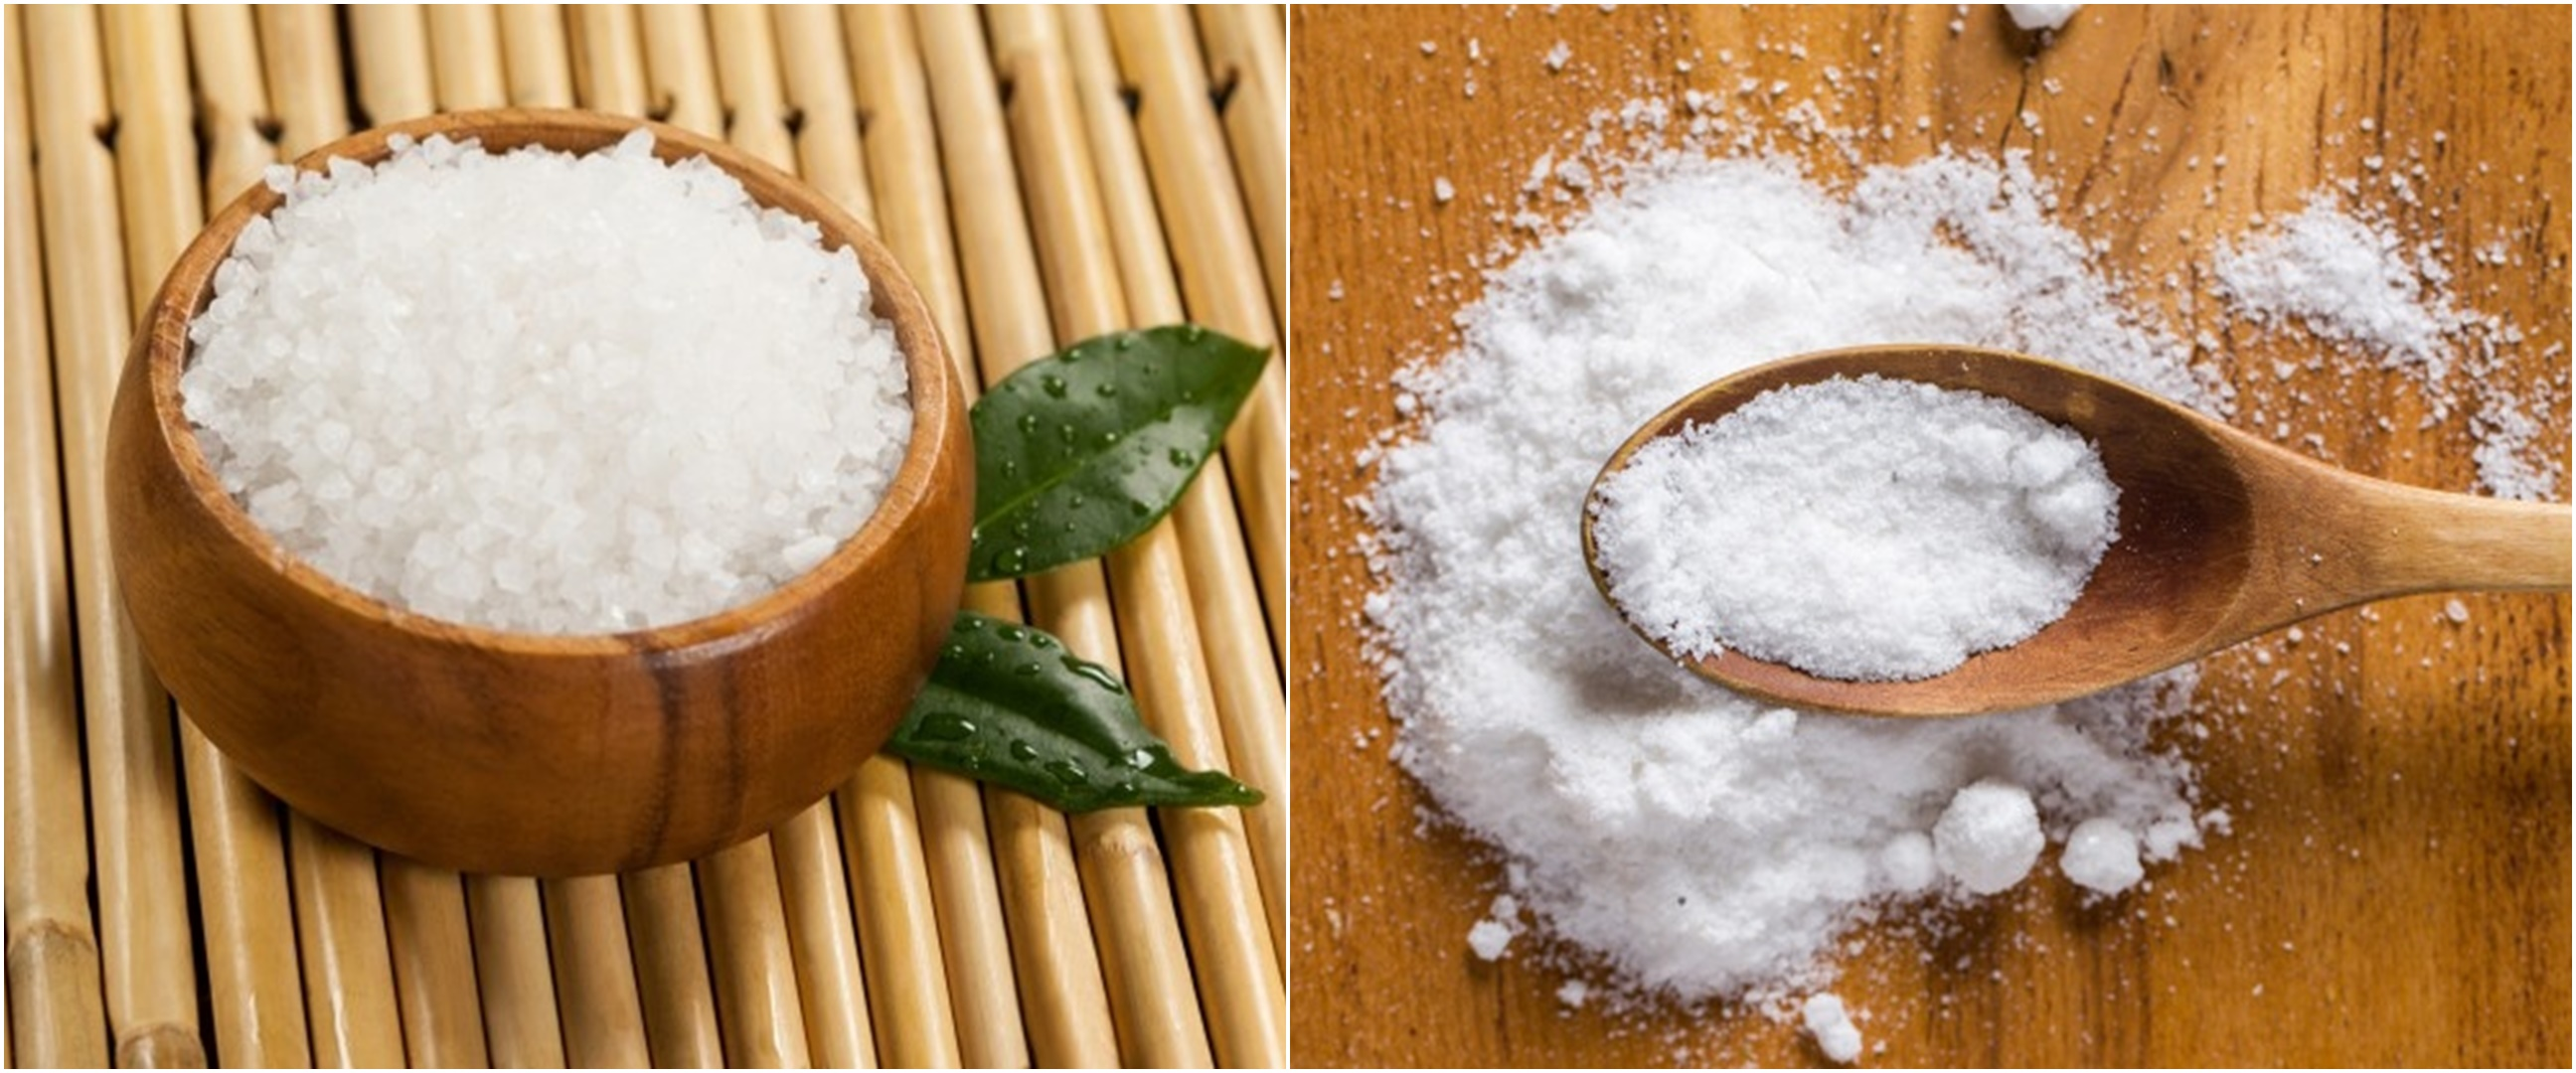 8 Manfaat garam laut untuk kesehatan, menjaga sistem pencernaan